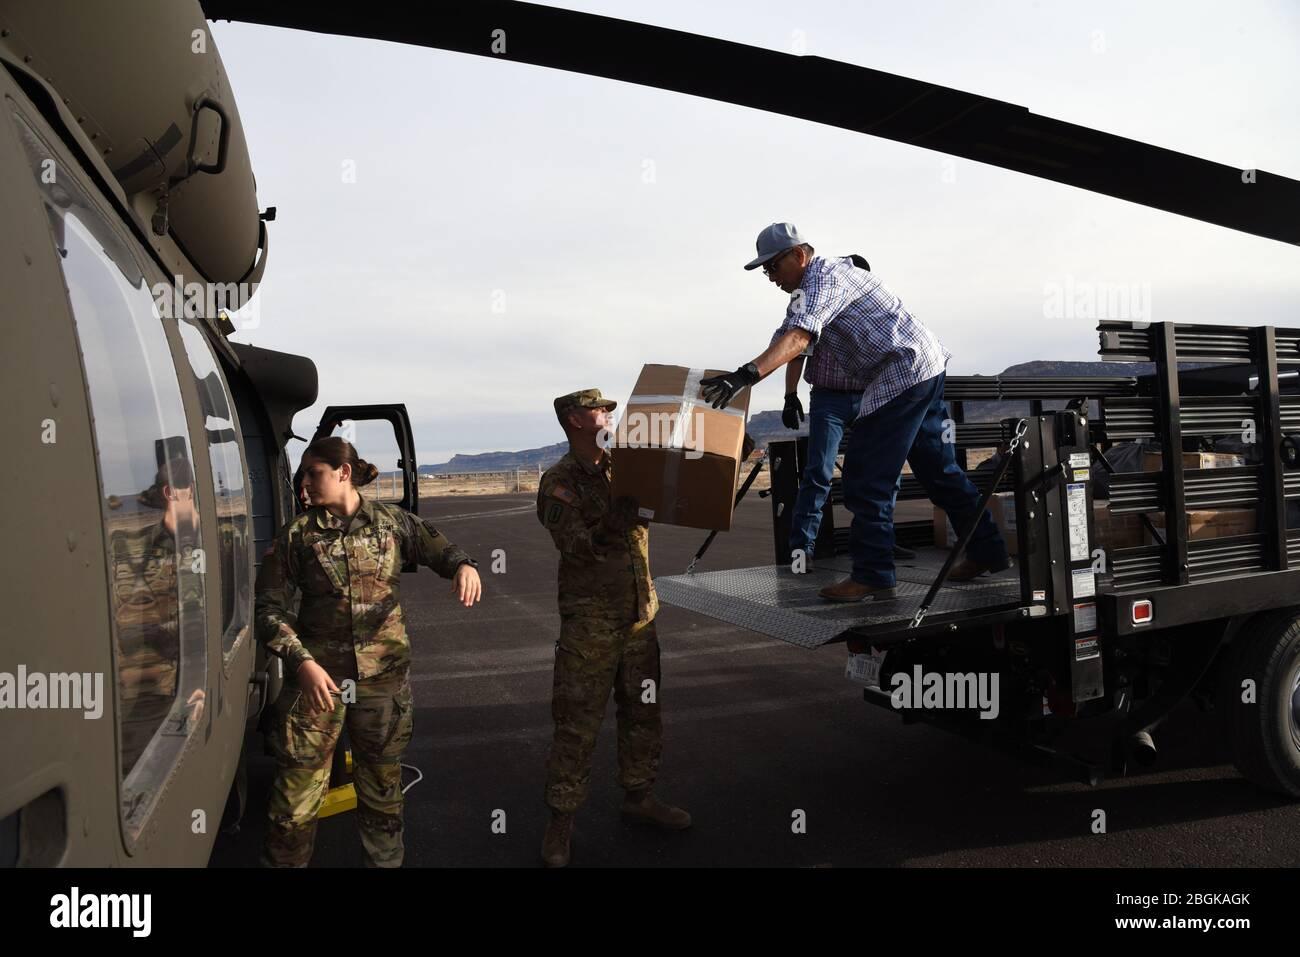 2 e lieutenant, Maram Sweis, officier des opérations médicales de la Garde nationale de l'Arizona et Sgt. Jonathan Atcitty, chef d'équipage de la Garde nationale de l'Arizona et personnel de l'hôpital Kayenta, chargent l'équipement médical de protection personnelle d'un UH-60 Blackhawk dans un camion le 31 mars 2020, à Kayenta, Ariz. la Garde nationale de l'Arizona a volé des EPI médicaux à l'hôpital local en réponse à COVID-19. La Garde de l'Arizona a réagi au pays dans des situations d'urgence comme la sécurité de l'aéroport après le 11 septembre 2011, le Monument Fire en 2011, l'ouragan Harvey en 2017 et les inondations de Havasupai en 2018 (États-Unis Photo de la Garde nationale aérienne par Tech. SG Banque D'Images